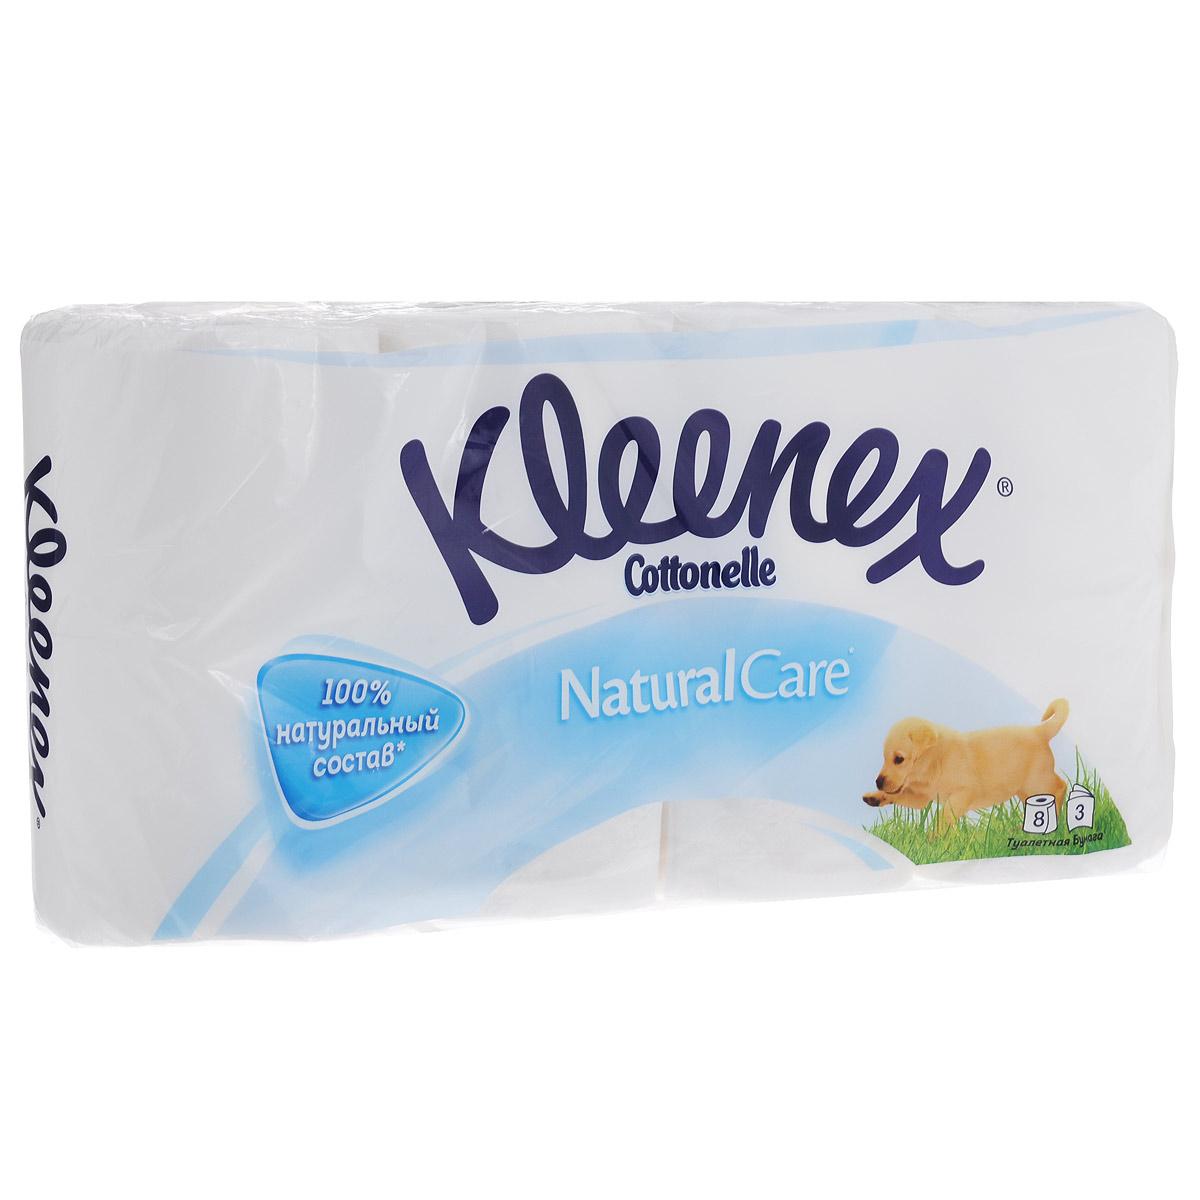 Туалетная бумага Kleenex Natural Care, трехслойная, цвет: белый, 8 рулонов9450296Трехслойная туалетная бумага Kleenex Natural Care изготовлена из целлюлозы высшего качества. Мягкая, нежная, но в тоже время прочная, бумага не расслаивается и отрывается строго по линии перфорации. Оформлена тиснением. Туалетная бумага Kleenex Natural Care идеально подходит для ежедневного использования. Без ароматизаторов. Количество листов в рулоне: 155 шт. Количество слоев: 3. Размер листа: 9,6 см х 11,2 см. Состав: 100% целлюлоза.